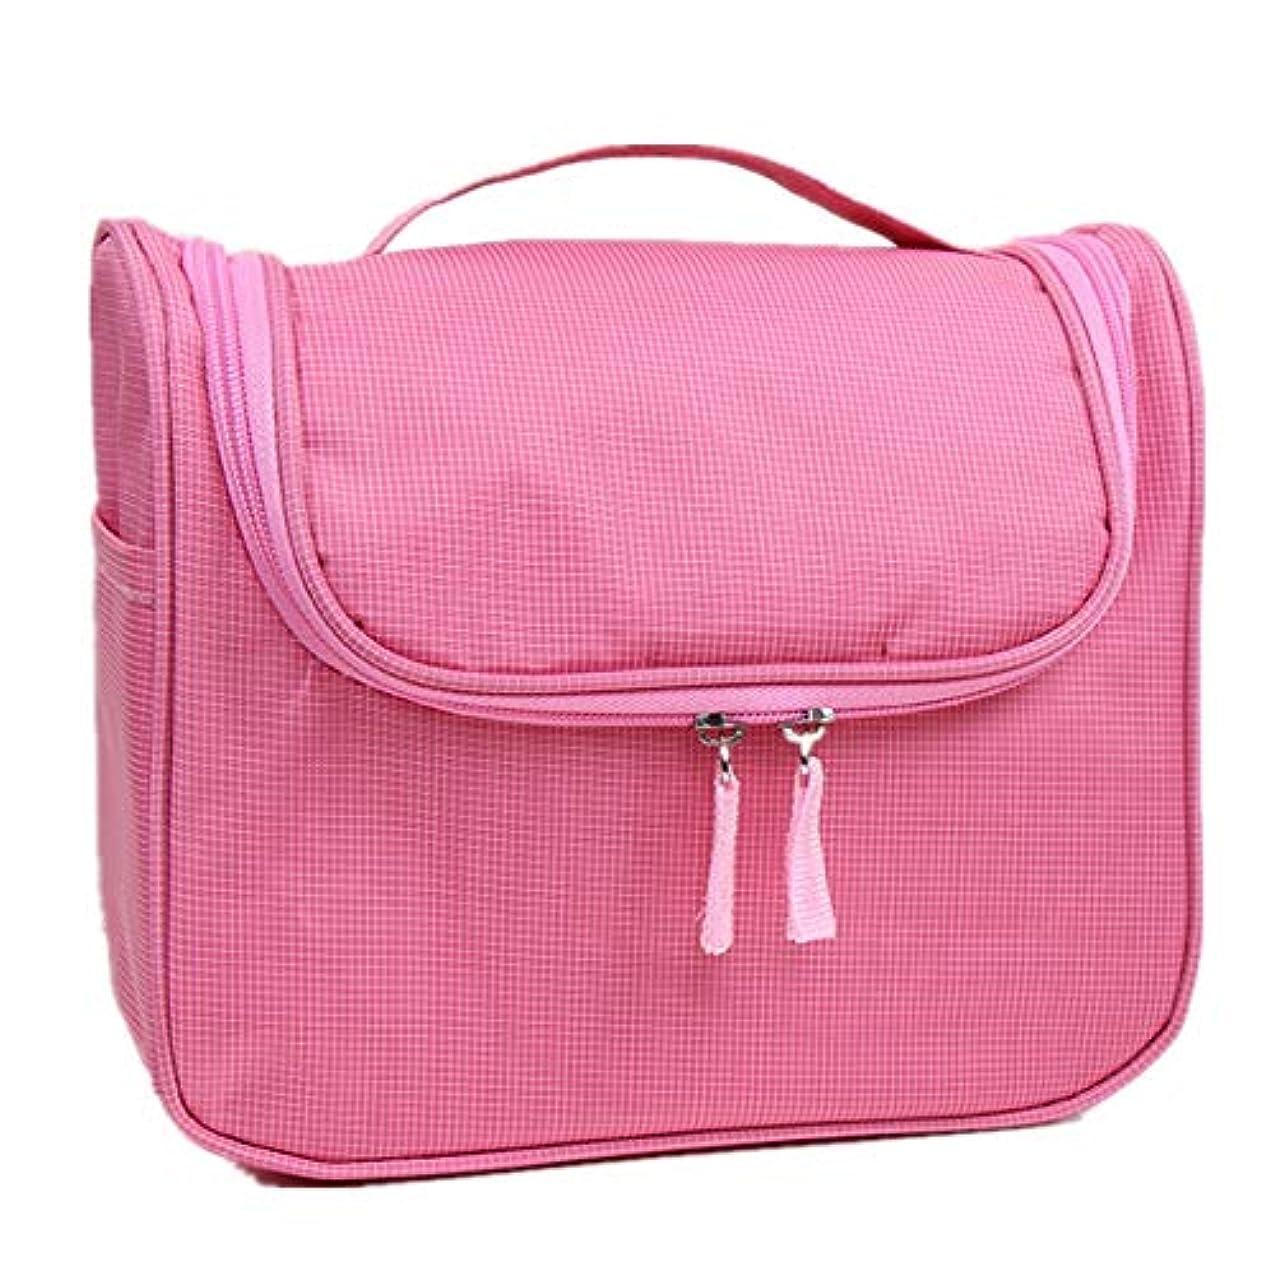 特大スペース収納ビューティーボックス 携帯用化粧の電車の箱美のためのそして女の子のための女性旅行および錠および折る皿が付いているアルミニウムフレームが付いている毎日の貯蔵 化粧品化粧台 (色 : ピンク)